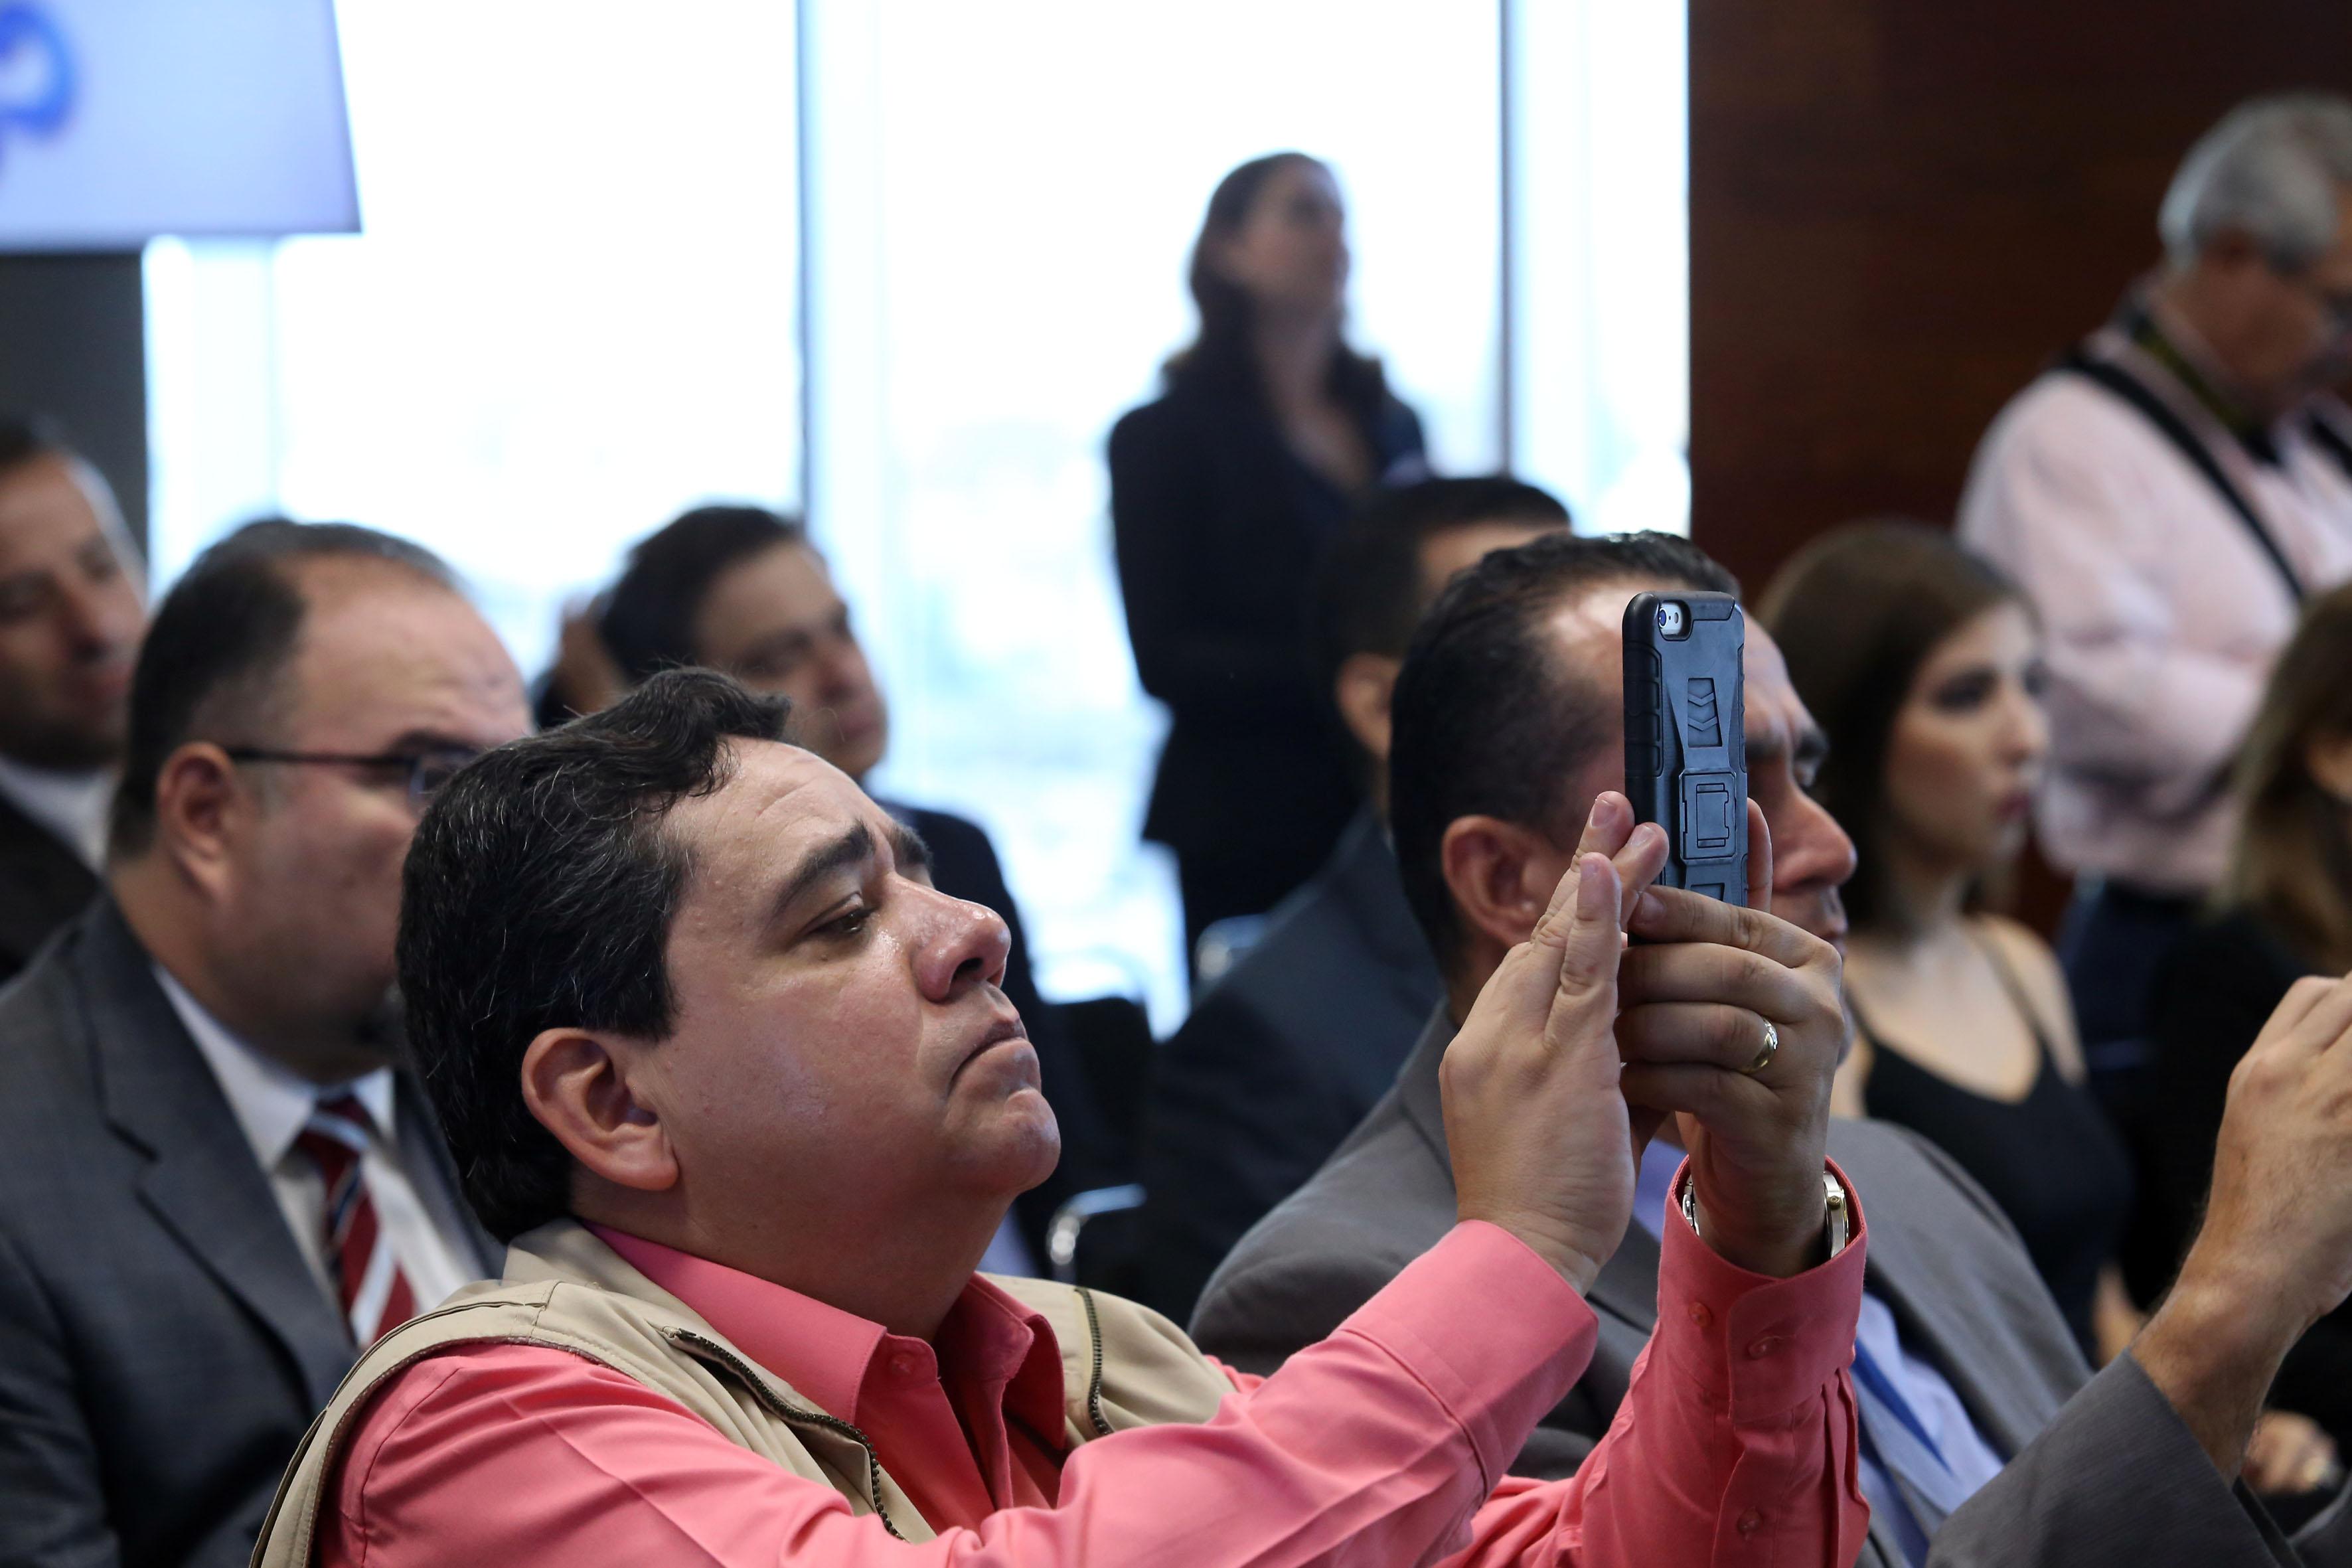 Asistente a la conferencia, tomando fotografías con su teléfono celular.